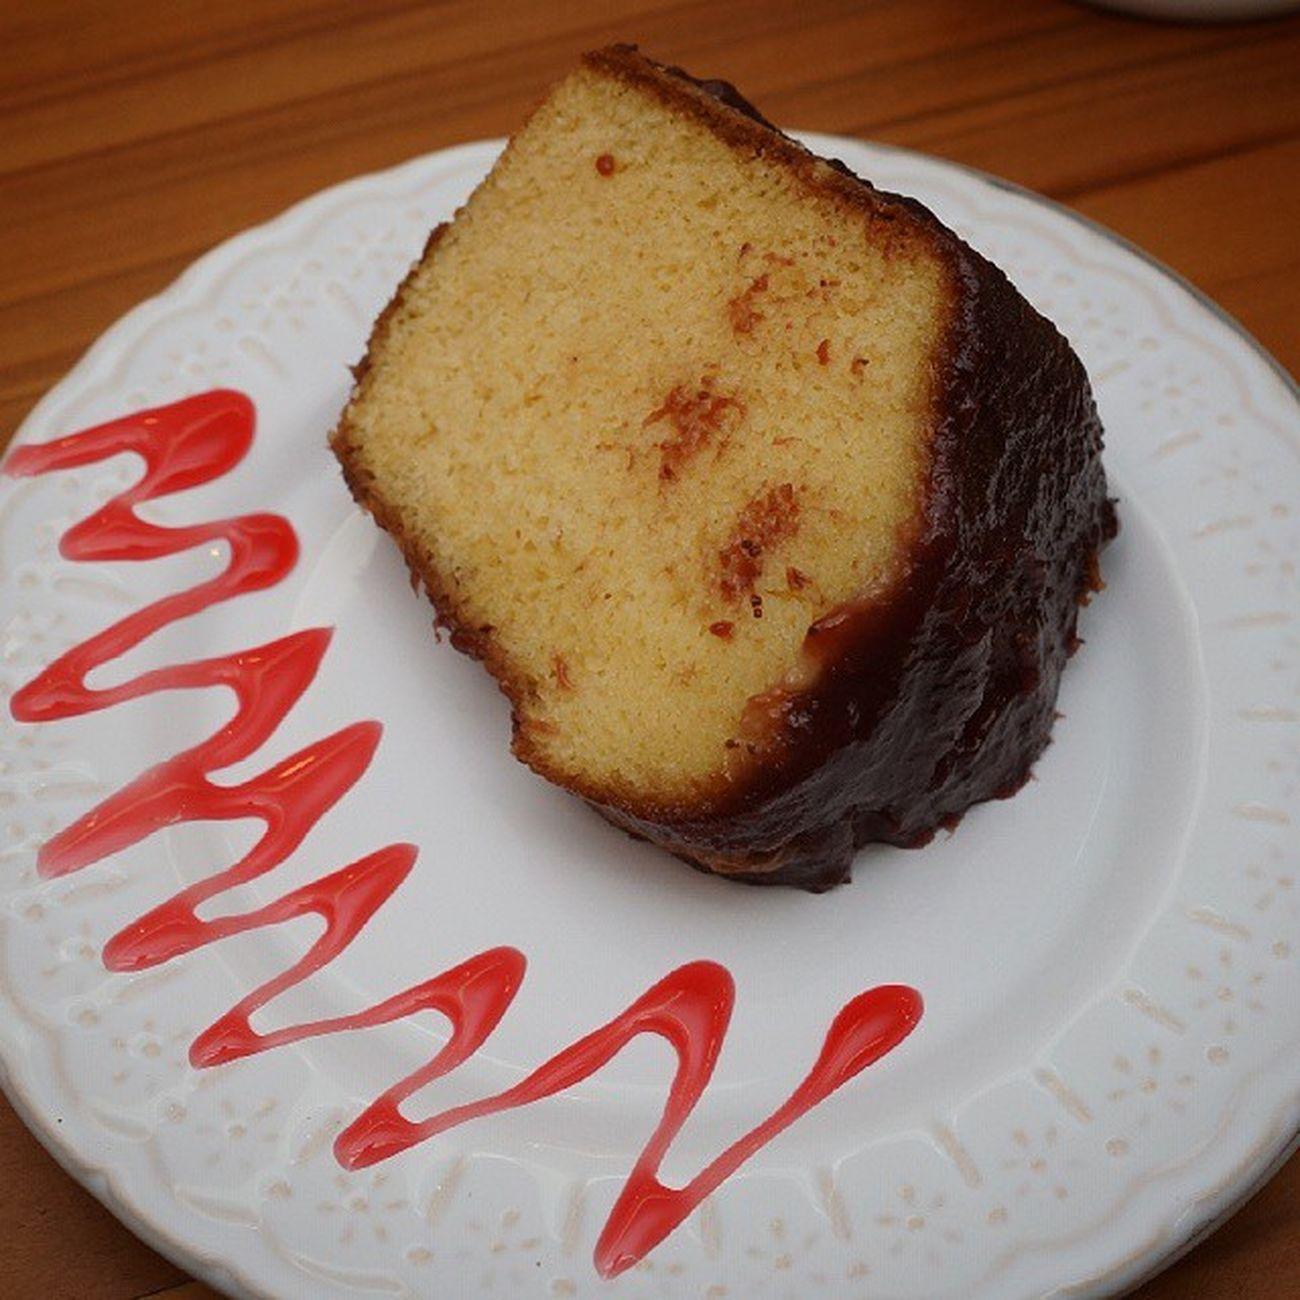 E depois, um delicioso Bolodemorango feito com Leitedesoja aeeeeee muito bom e muiito obrigado amigos do Villaaffogatocafe